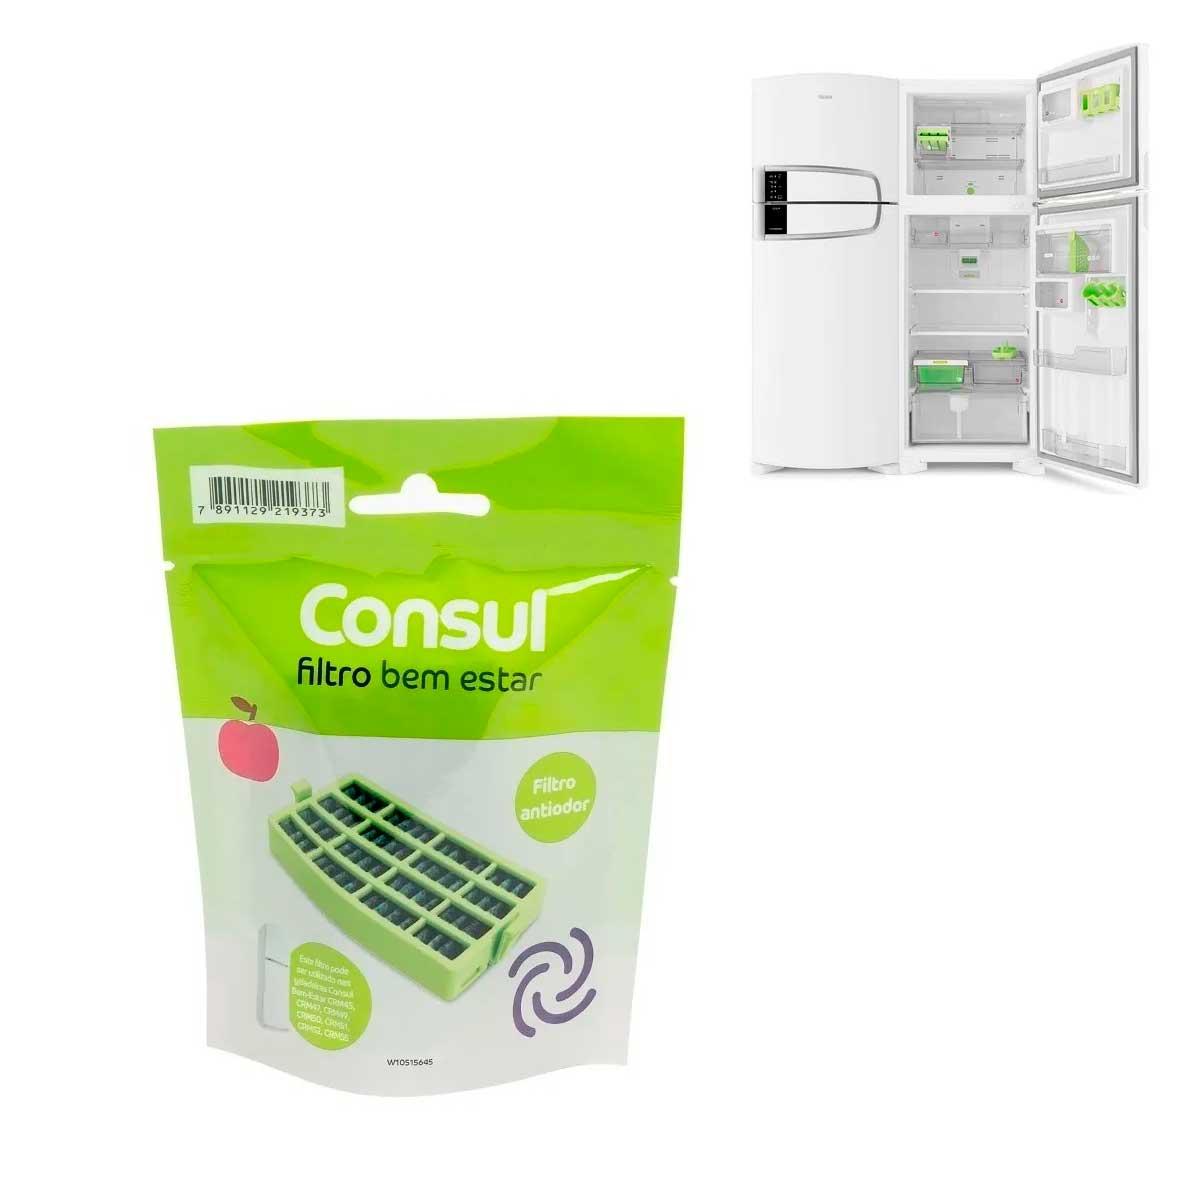 Filtro Antibactéria Antiodor Refrigerador Consul Bem Estar W10515645